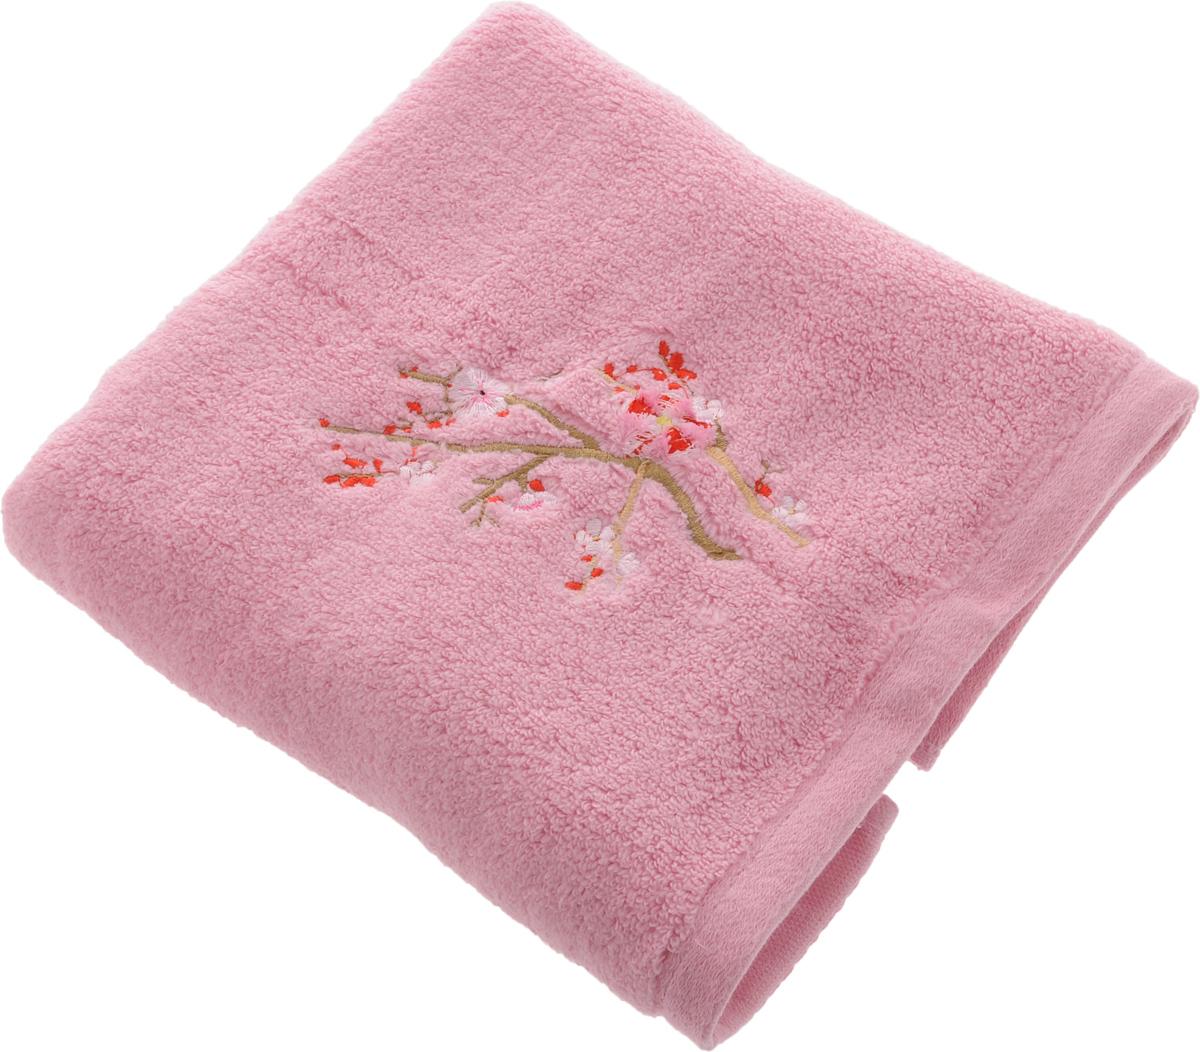 Полотенце Soavita Spring, цвет: розовый, 50 х 90 смPR-2WПолотенце Soavita Spring выполнено из 100% хлопка. Изделие отлично впитывает влагу, быстро сохнет, сохраняет яркость цвета и не теряет форму даже после многократных стирок. Полотенце очень практично и неприхотливо в уходе. Оно создаст прекрасное настроение и украсит интерьер в ванной комнате.